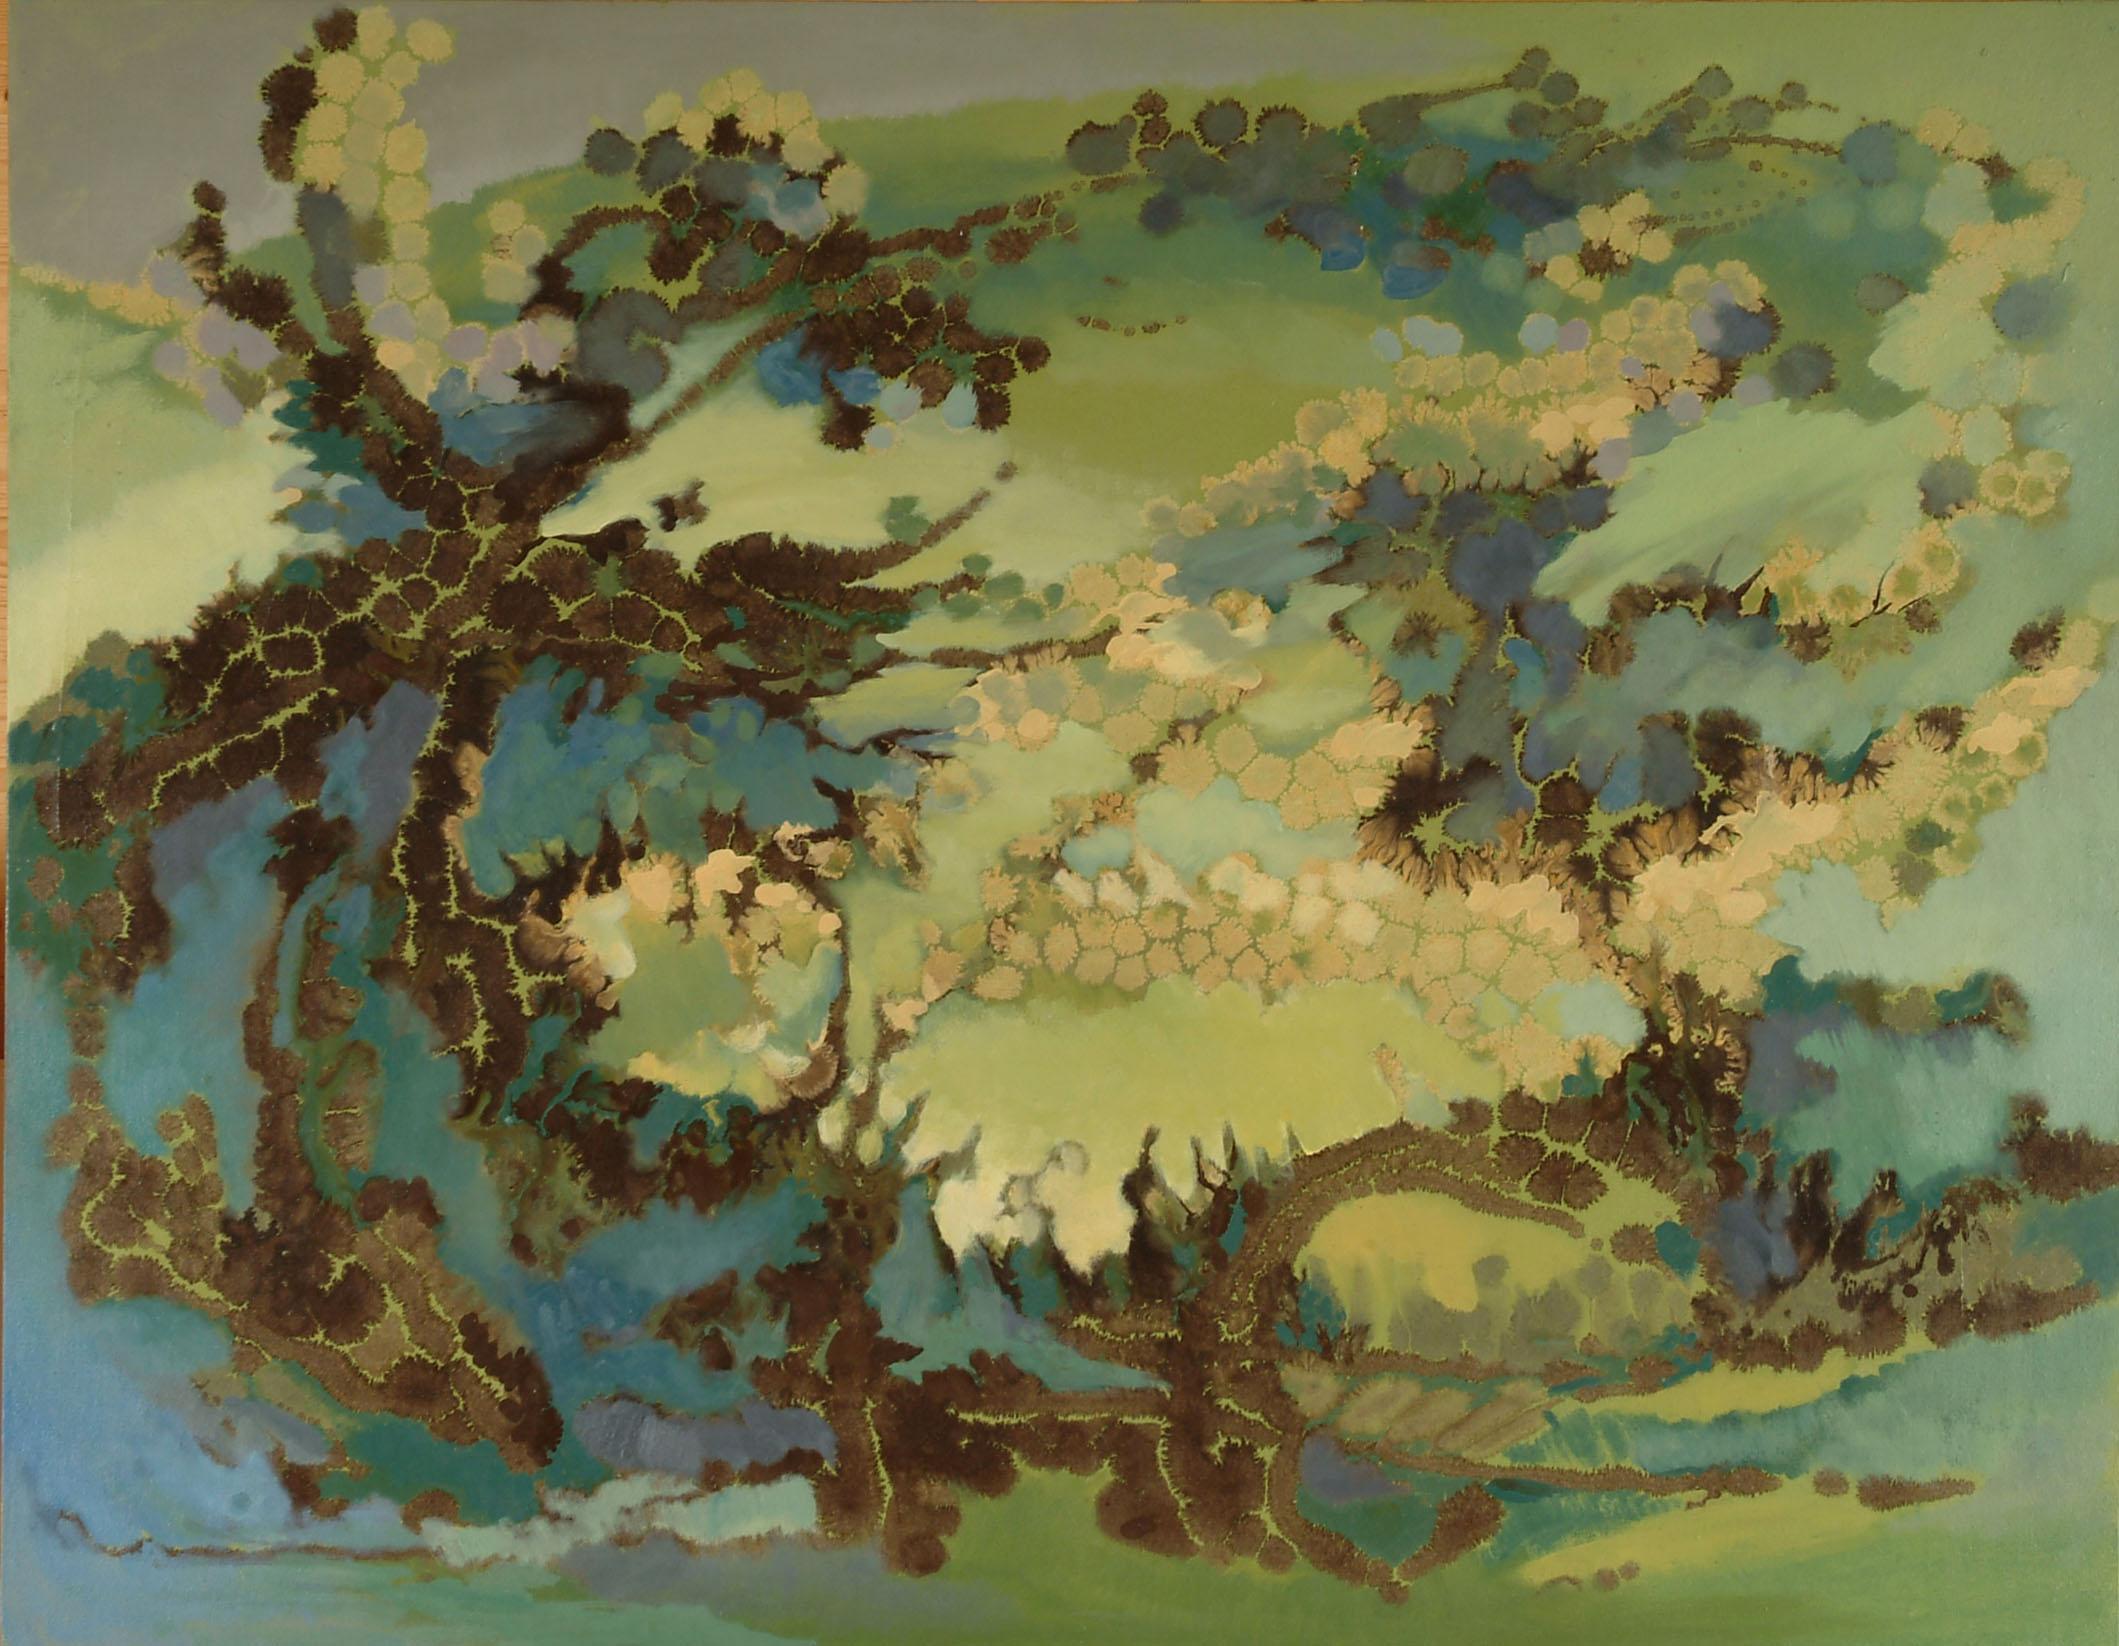 園(二)   91x116 cm  油畫   1981